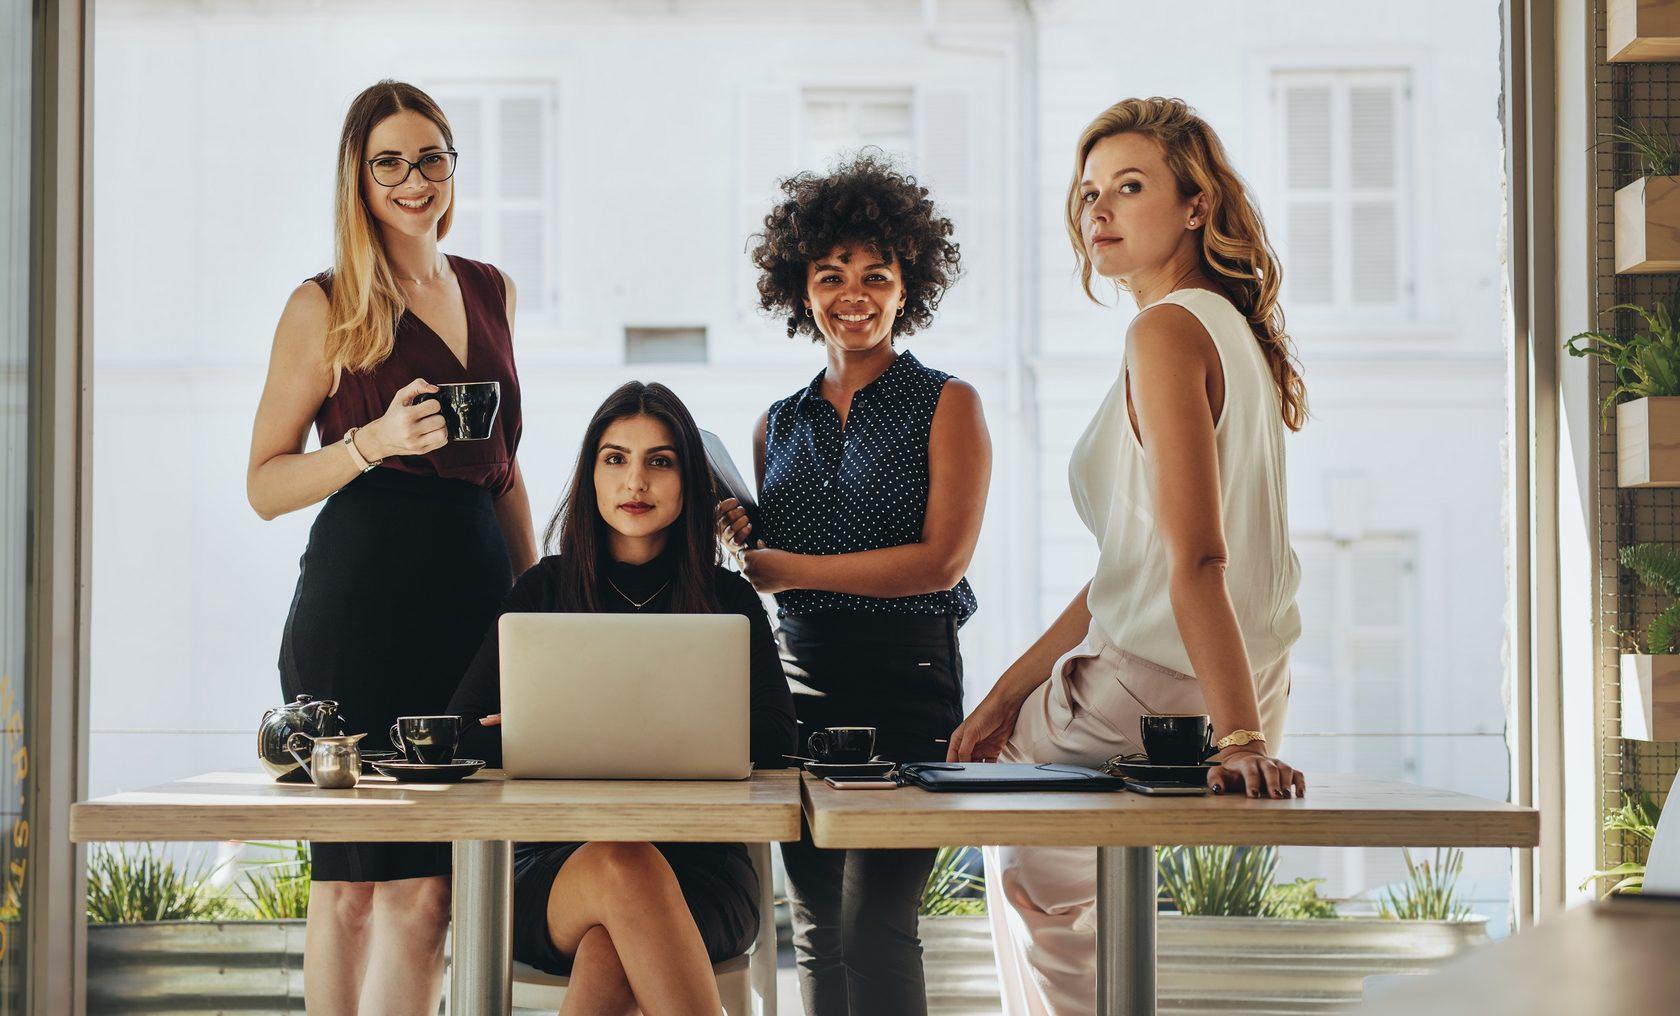 Работа для модели пермь работа для 20 девушки